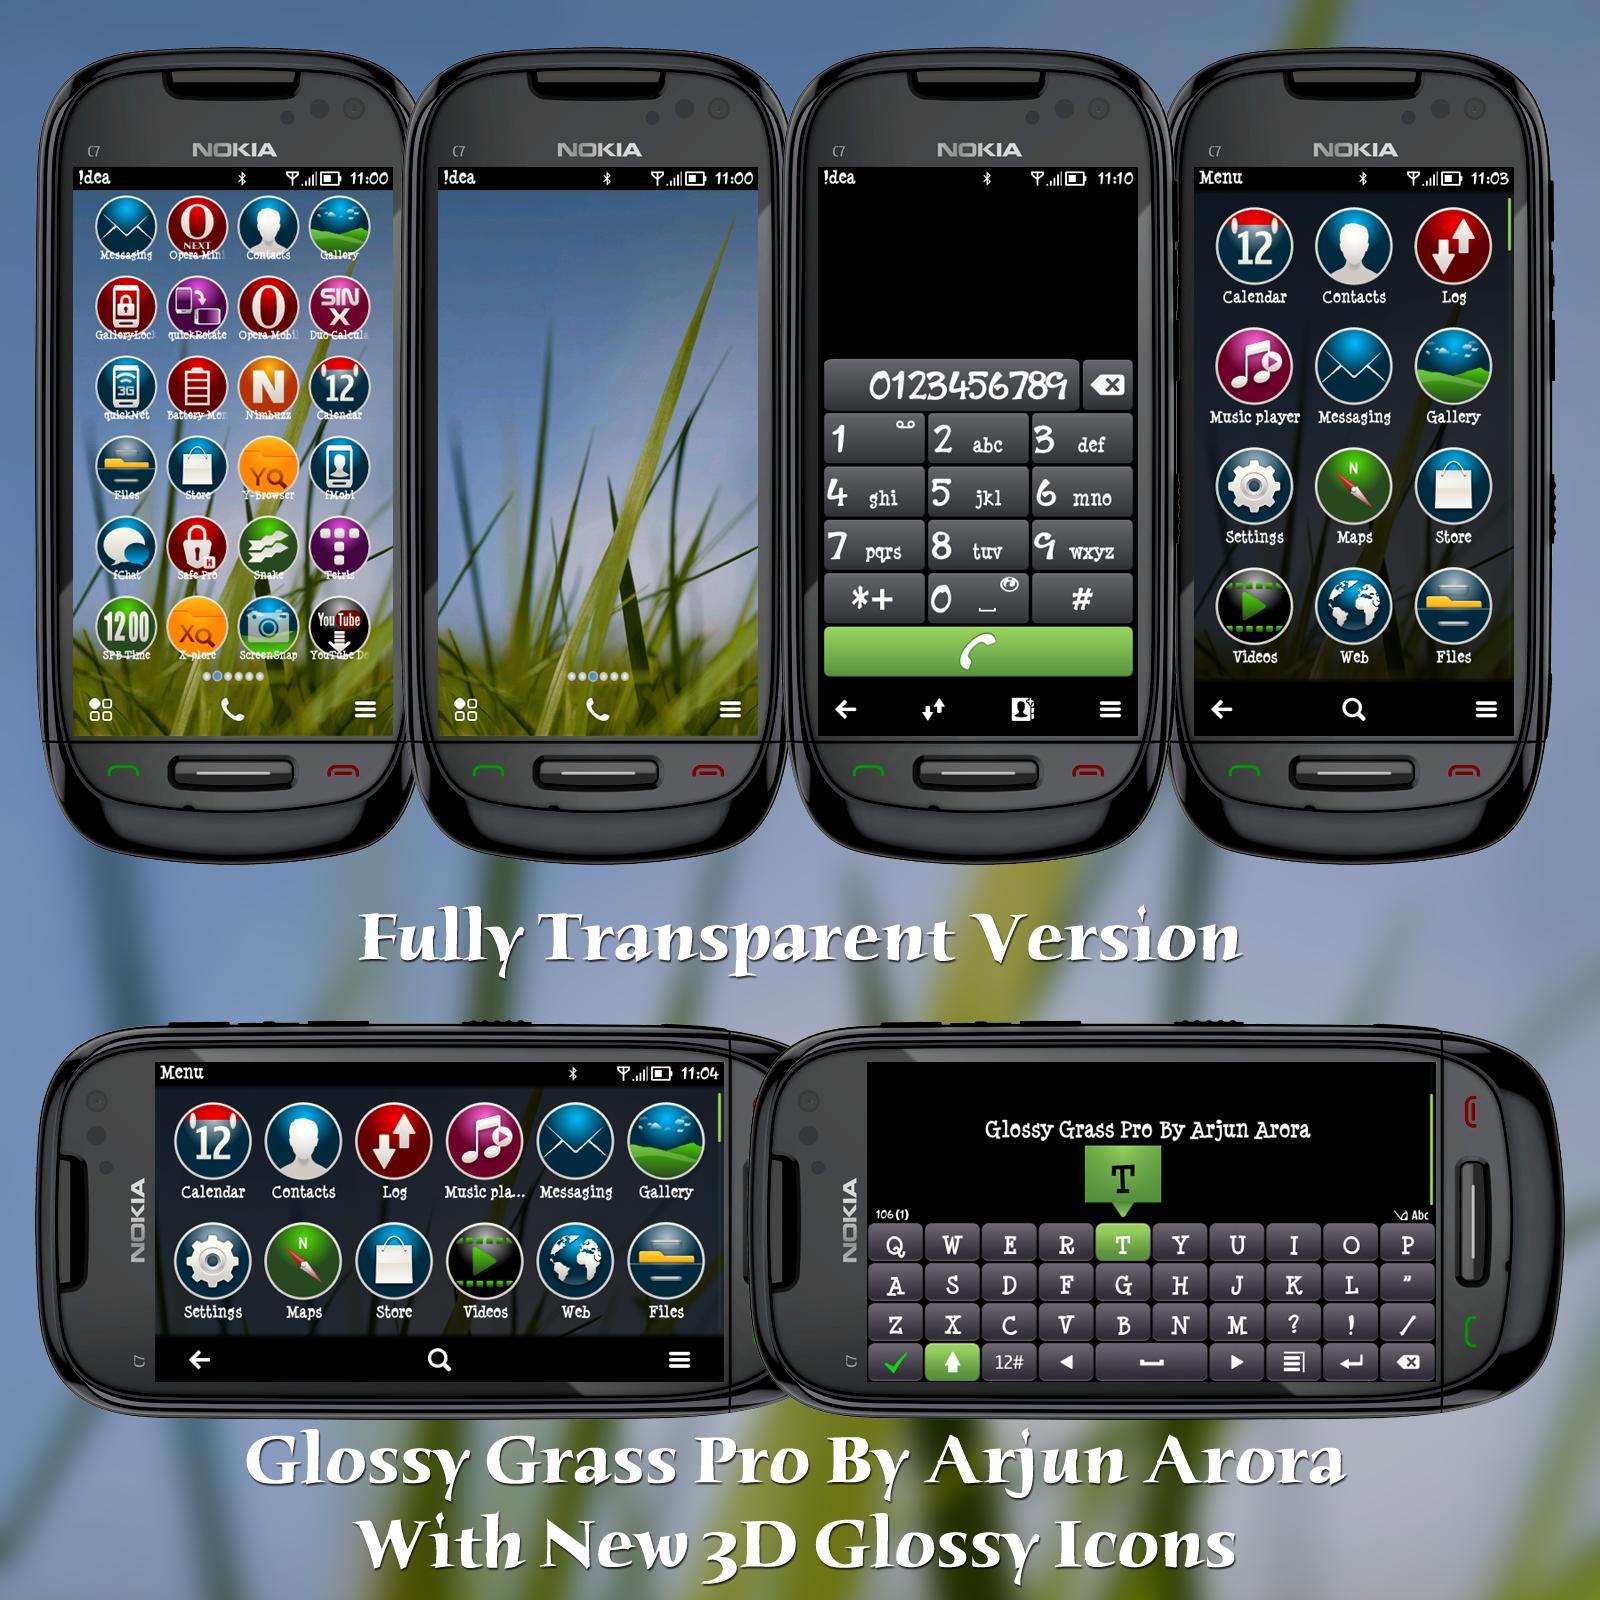 http://4.bp.blogspot.com/-LRexerfIkCI/T3msz7aiGDI/AAAAAAAAATA/M4joD6rOyMc/s1600/Glossy-Grass-Nokia-1.png